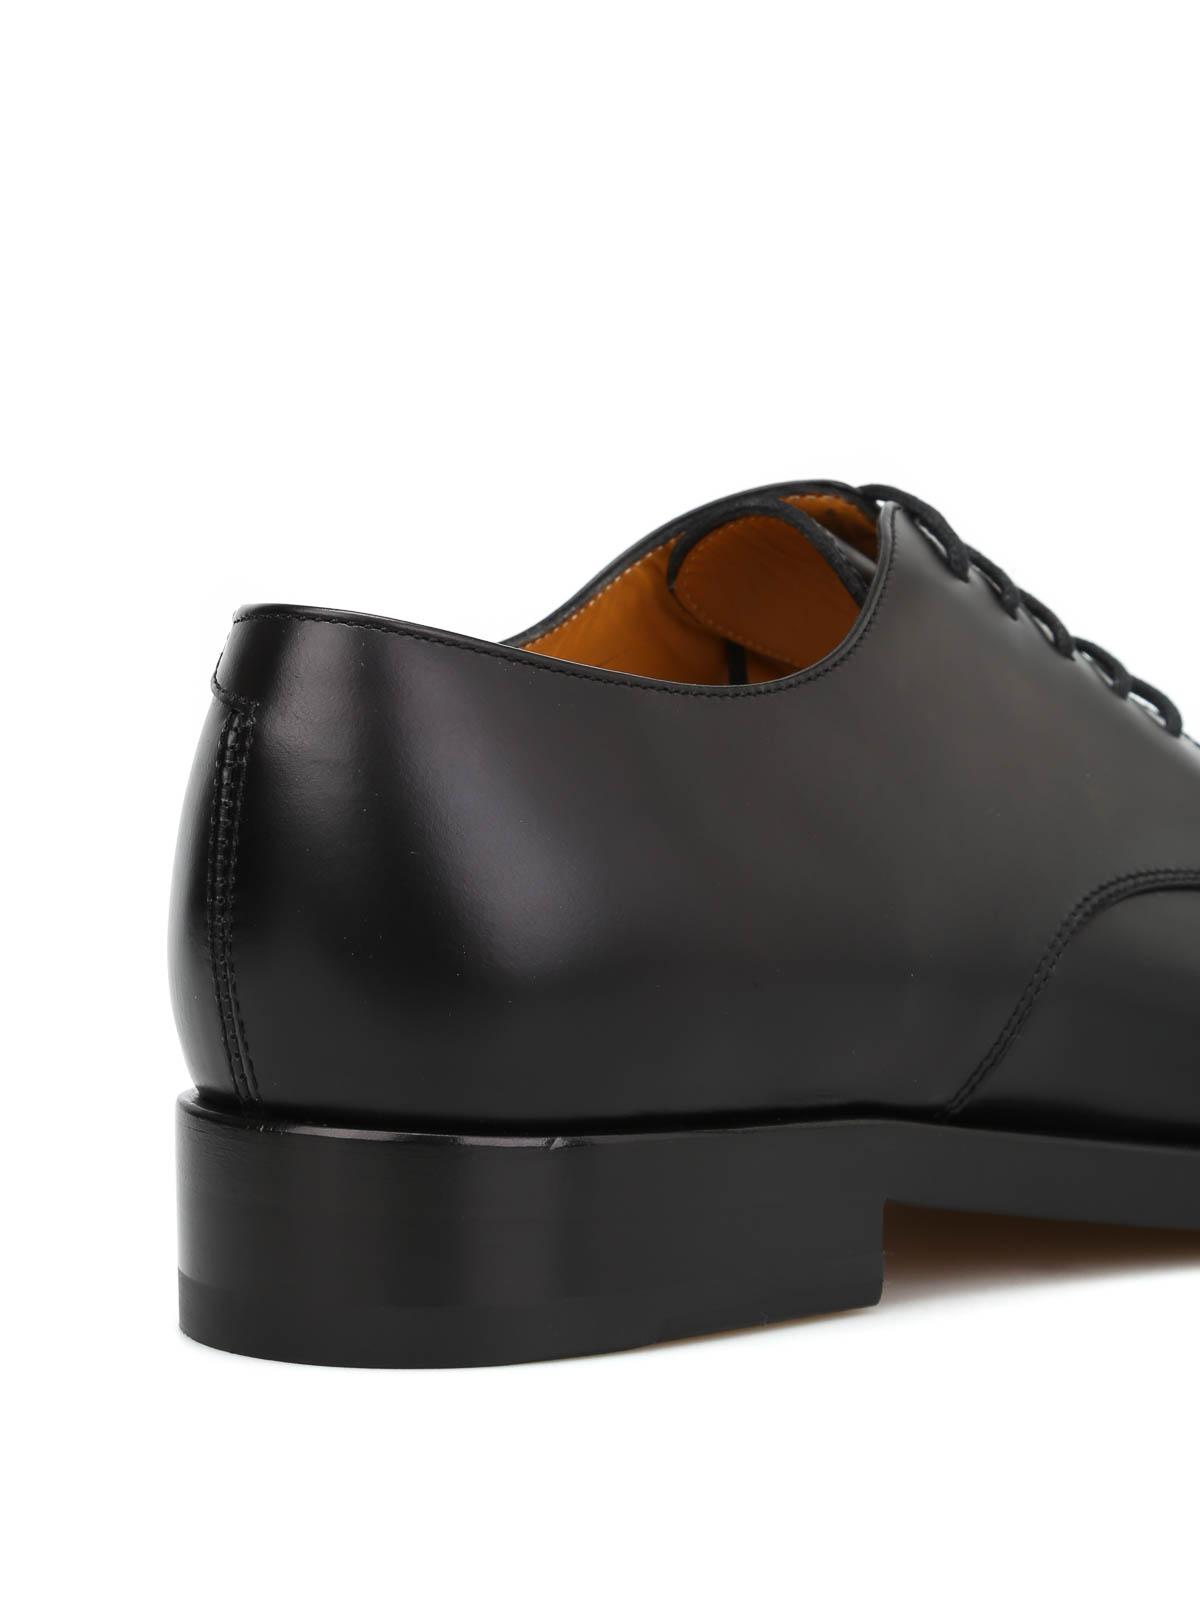 prix bas Prix 50% qualité Valentino - Chaussures Noir Pour Homme - Chaussures ...